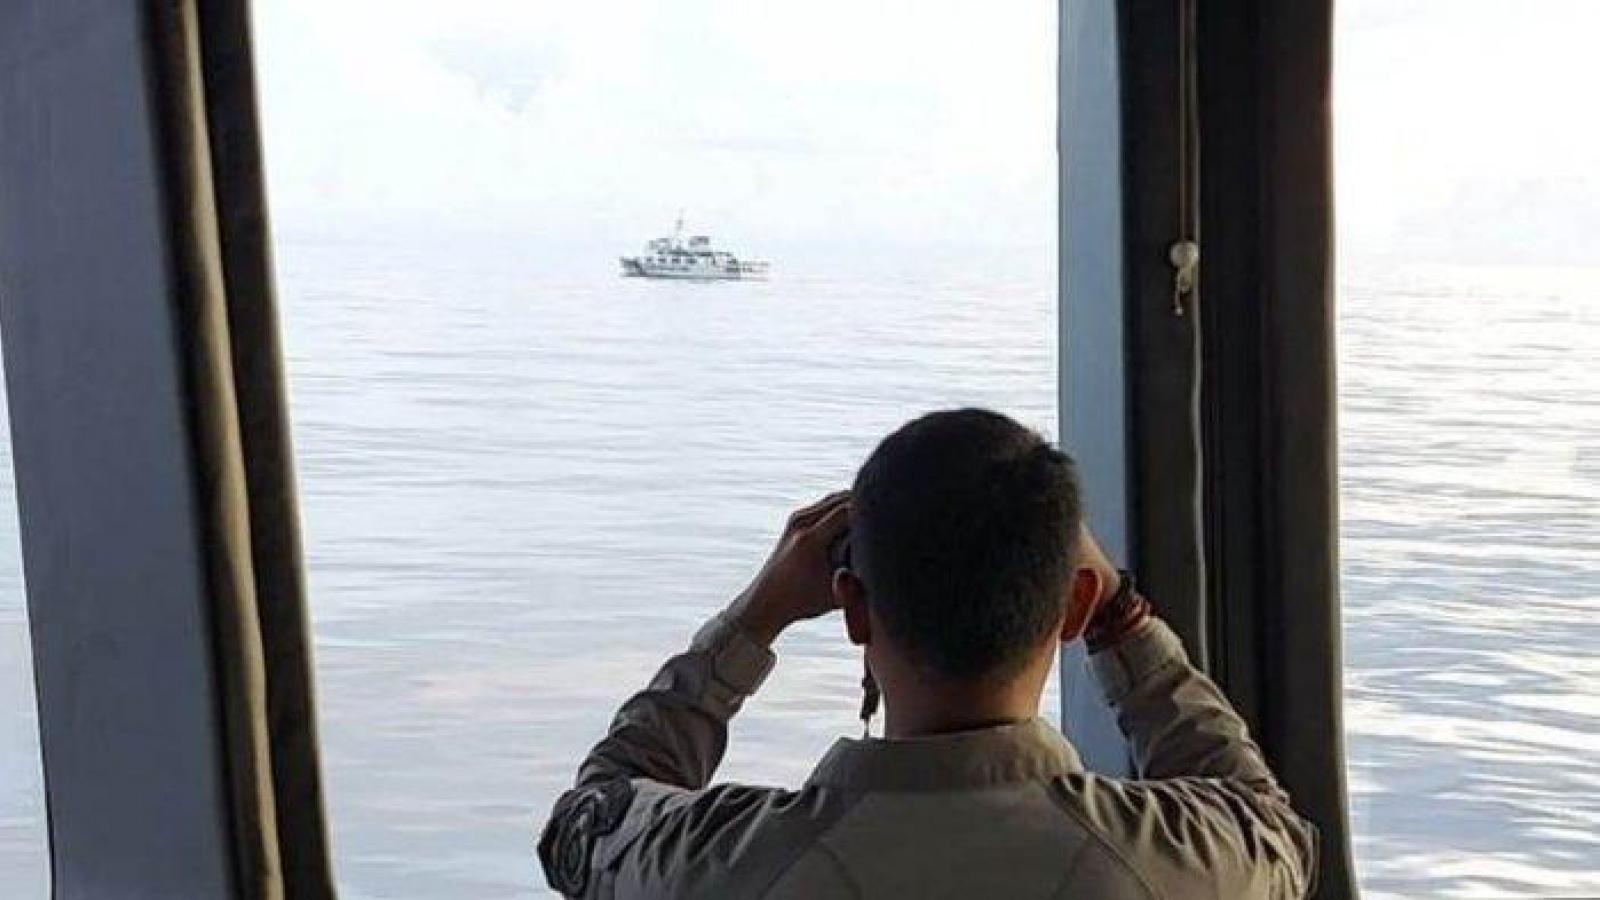 Indonesia trục xuất tàu hải cảnh Trung Quốc xâm nhập Bắc Natuna